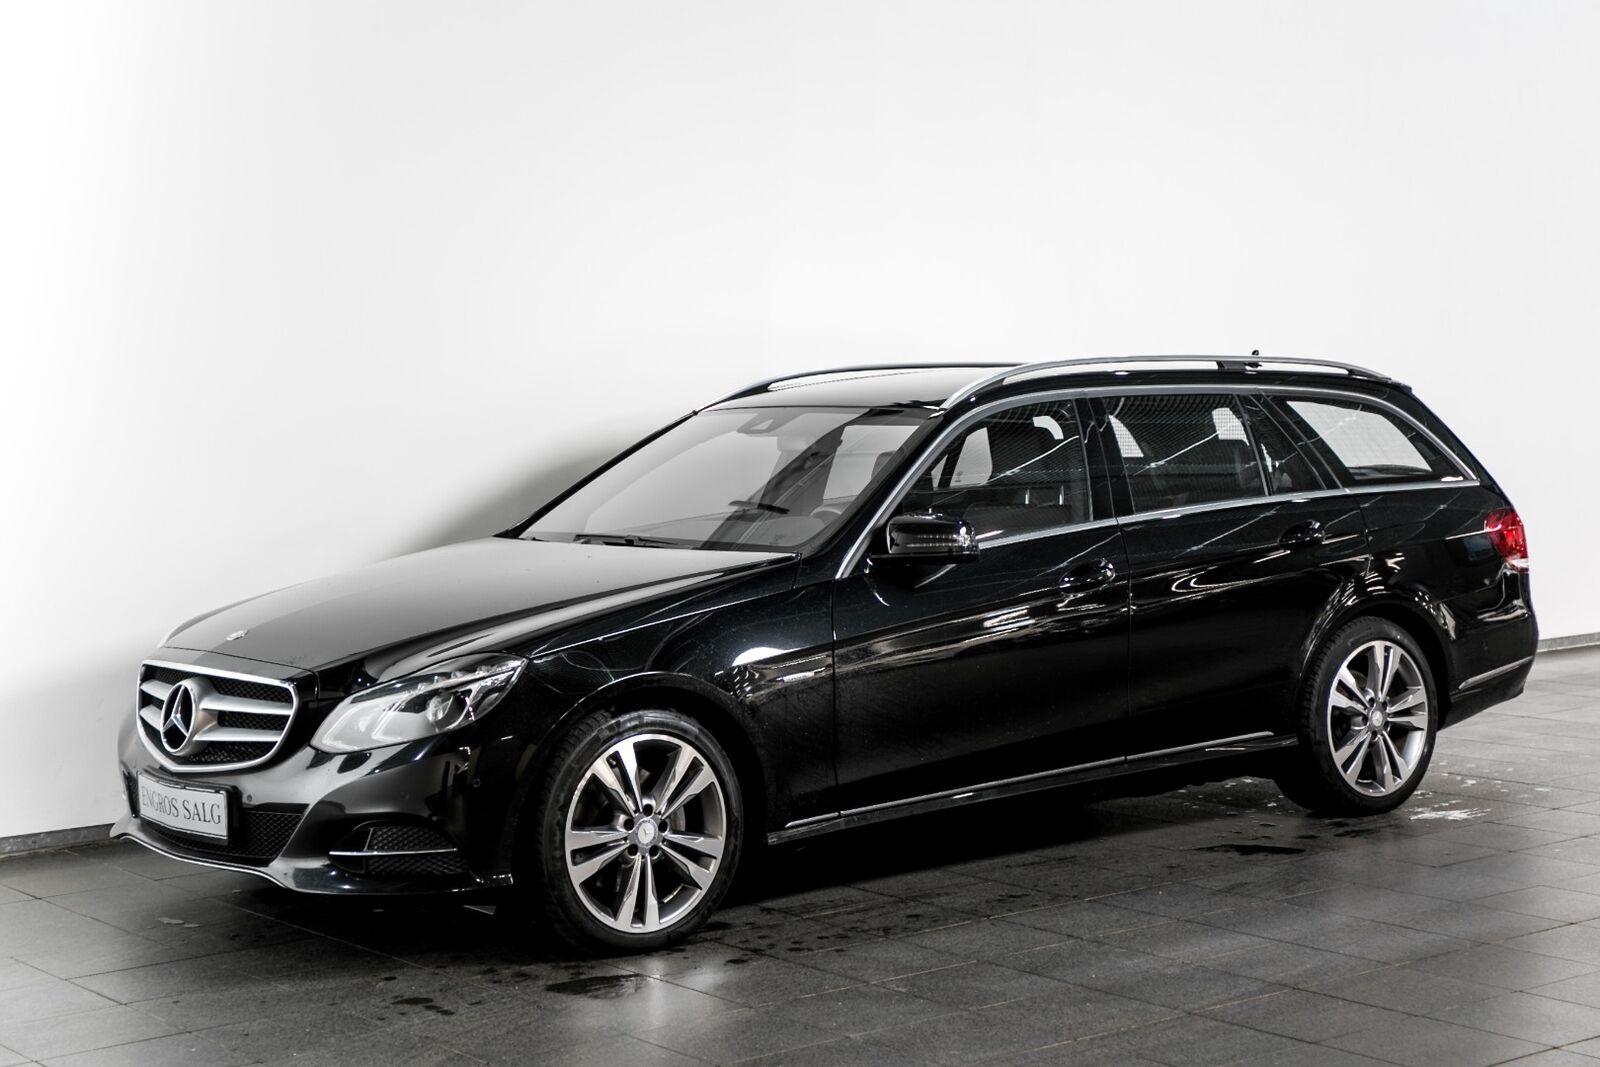 Mercedes-Benz E350 3,0 BlueTEC Edition E stc aut. 4-M